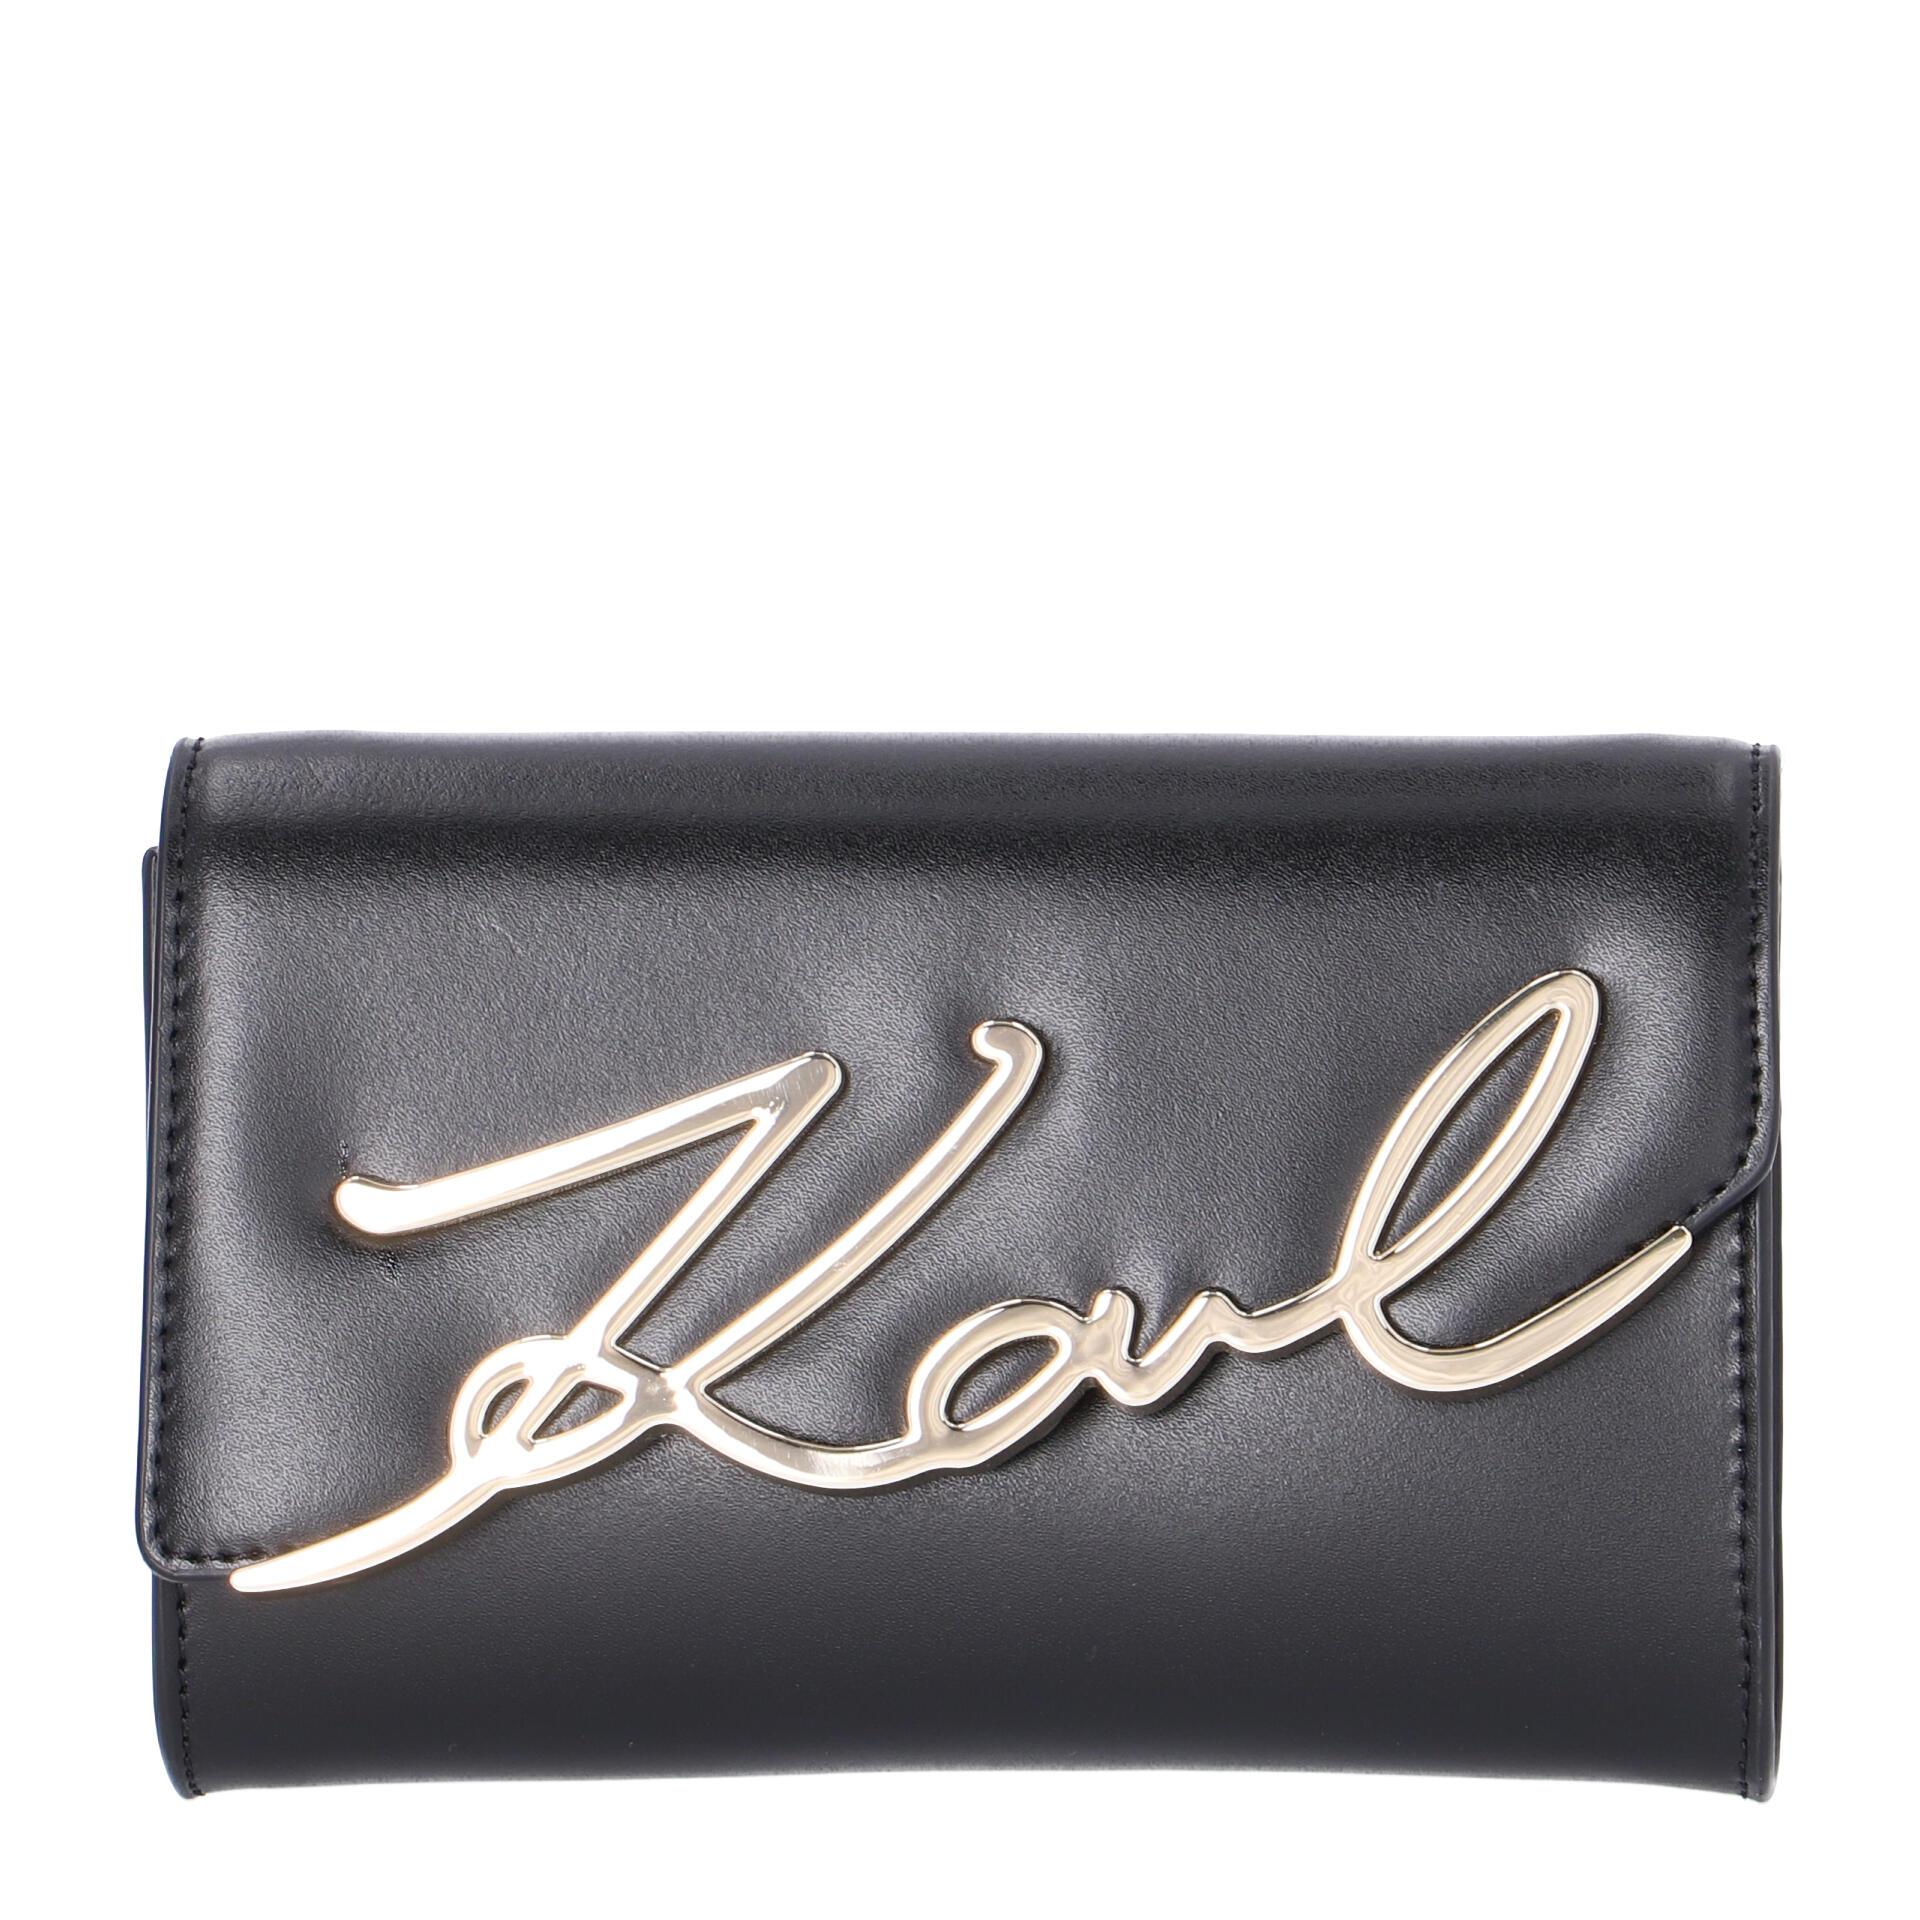 Karl Lagerfeld Signature Umhängetasche (Gürteltasche) black gold